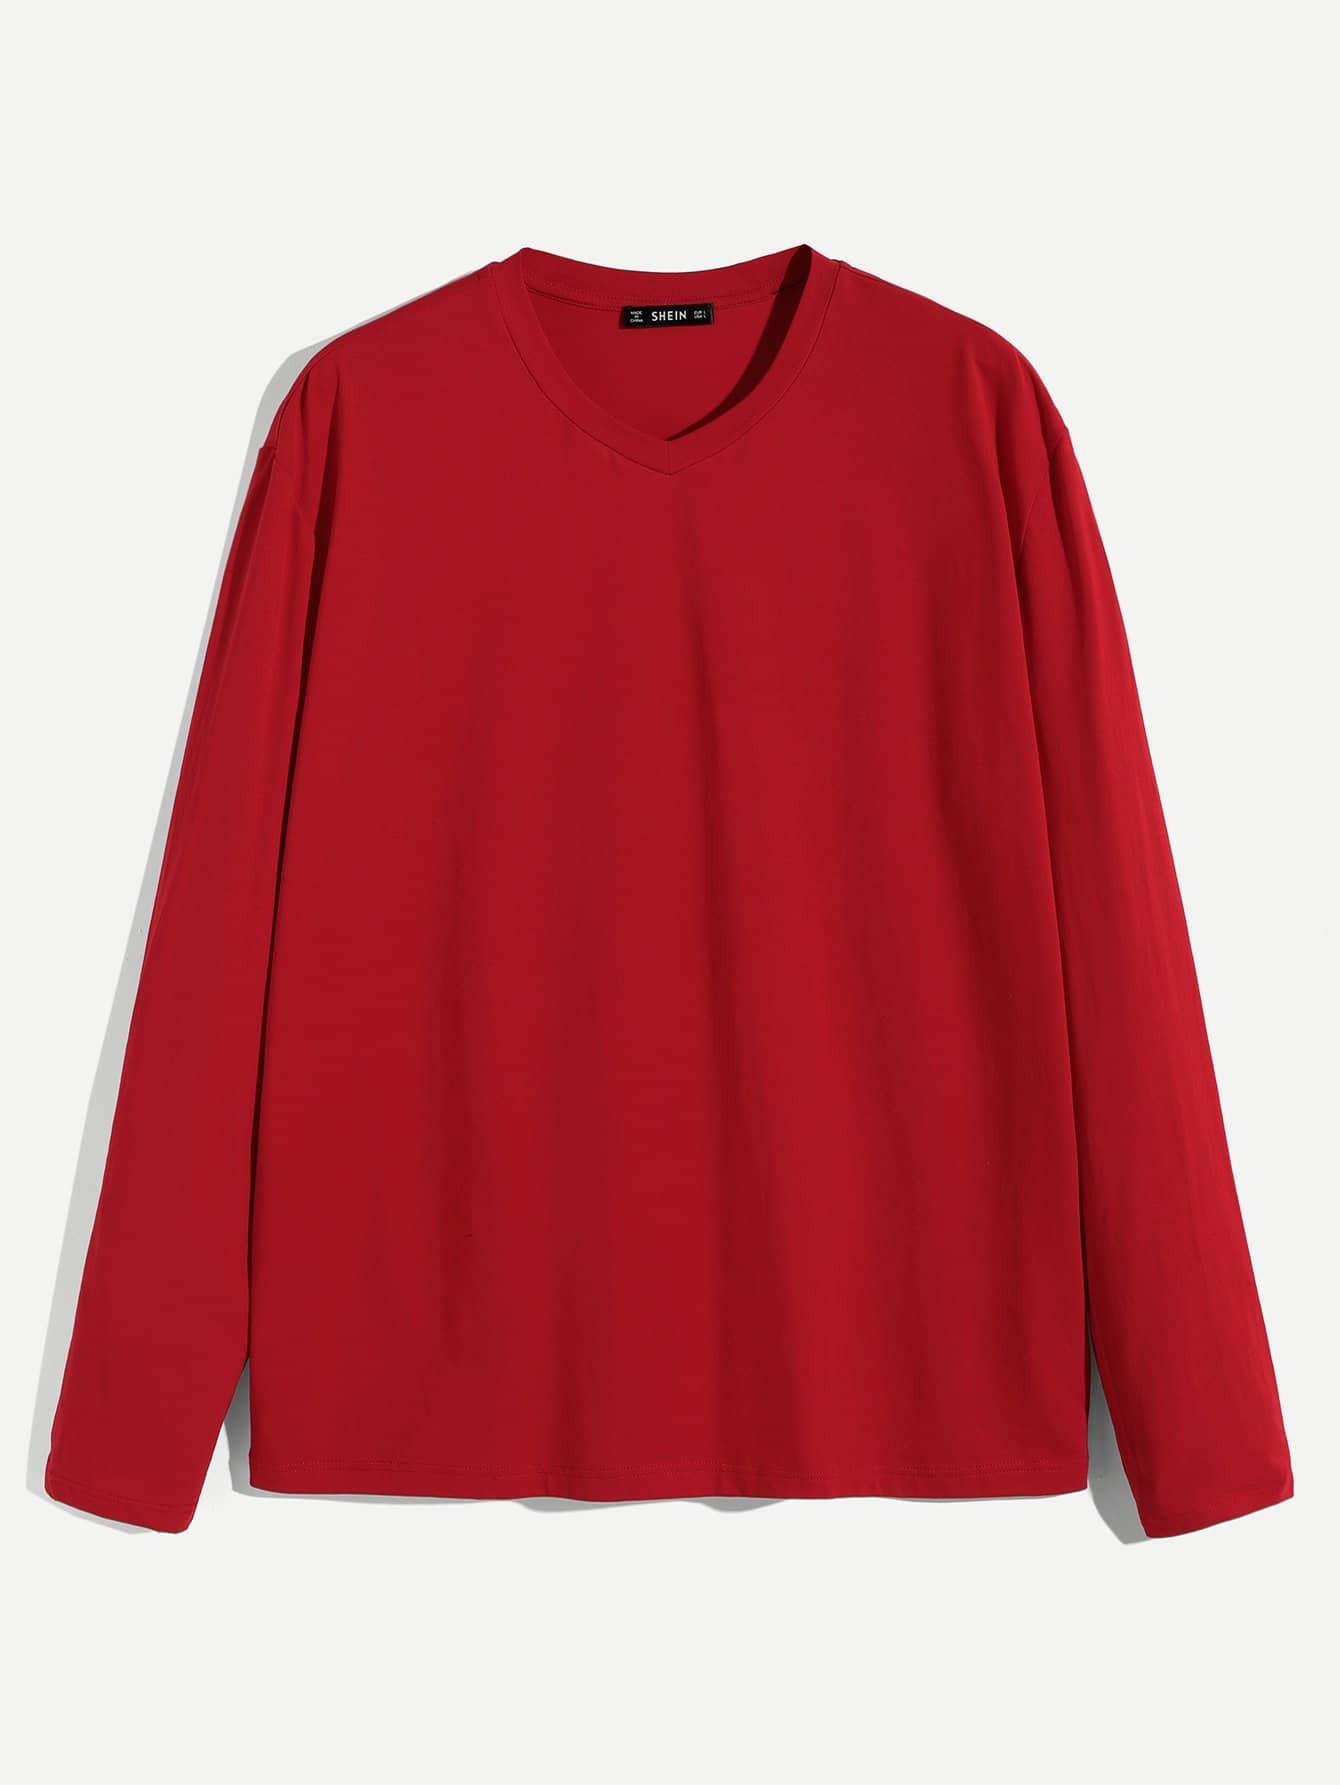 Купить Мужская однотонная футболка с v-образным вырезом, null, SheIn